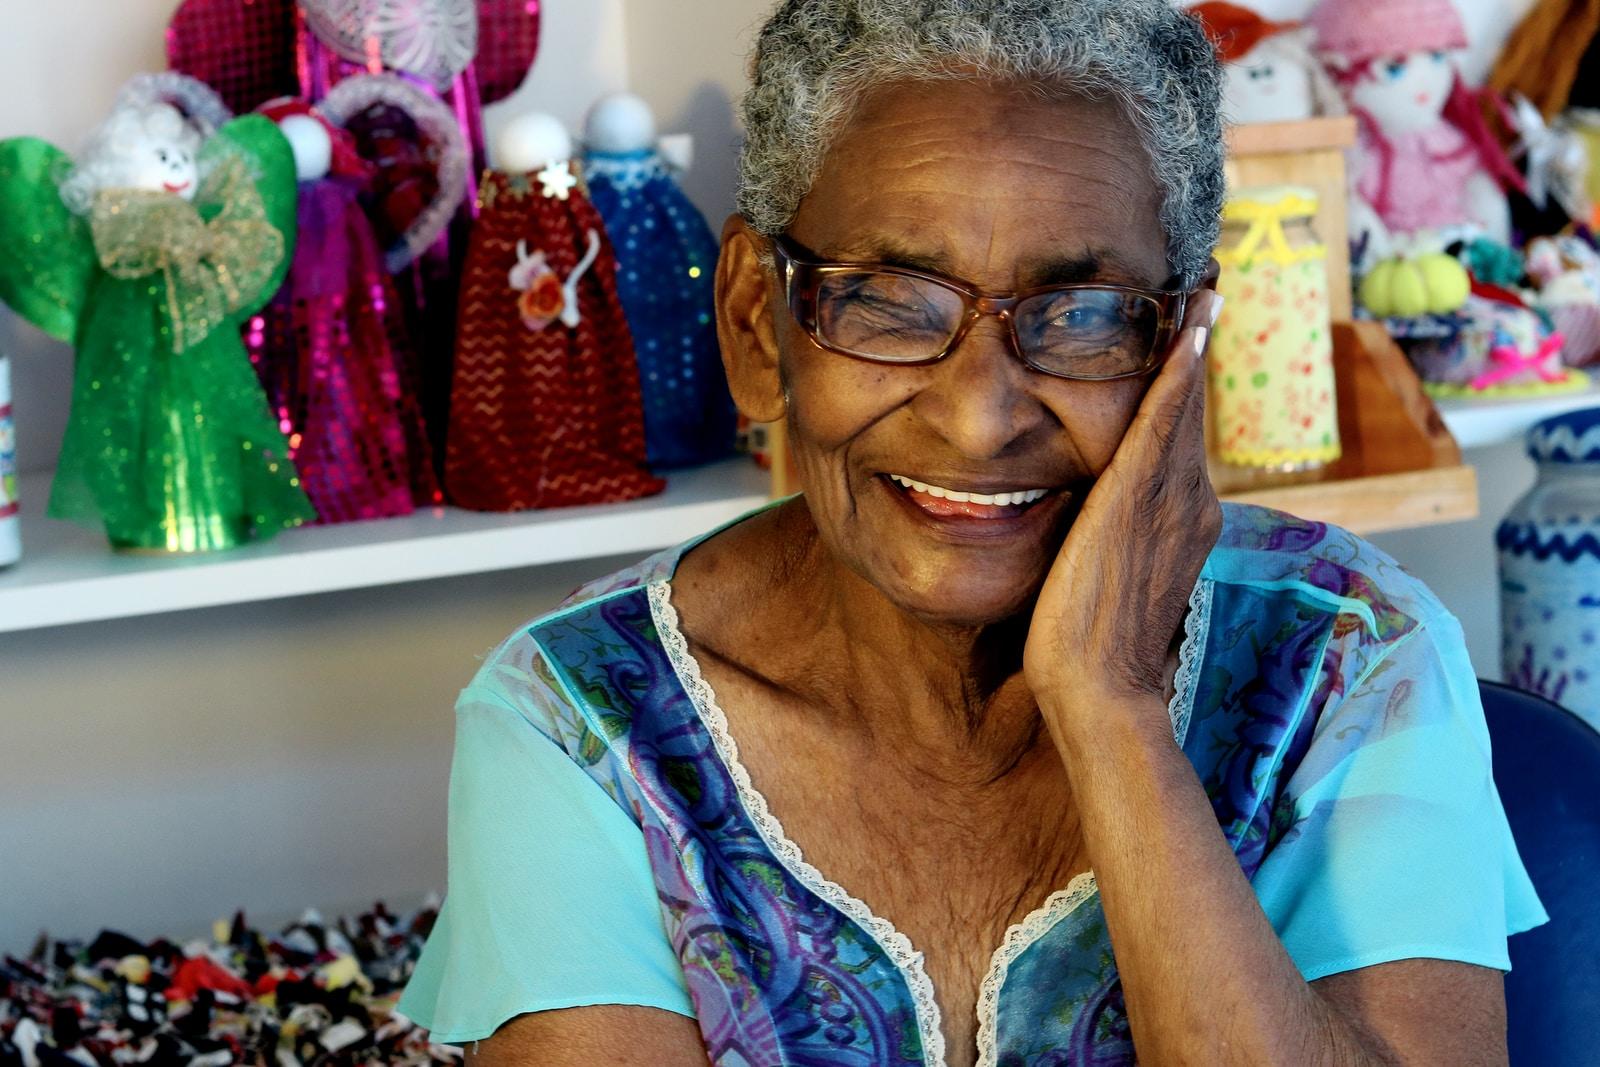 Séniors: comment optimiser son bien-être malgré l'âge